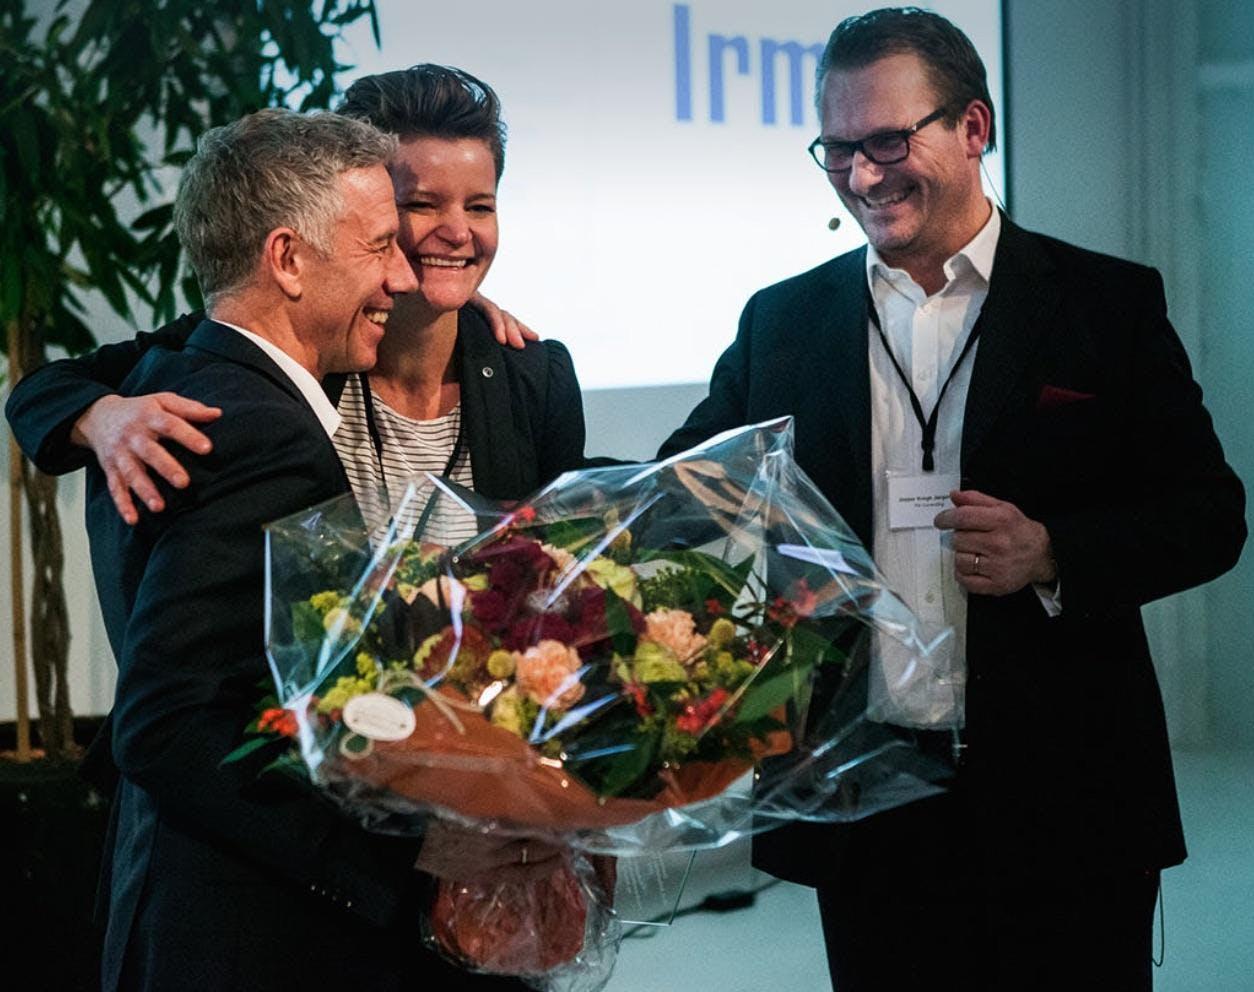 Danmarks Mest Anbefalede Virksomhed - Konference & Award